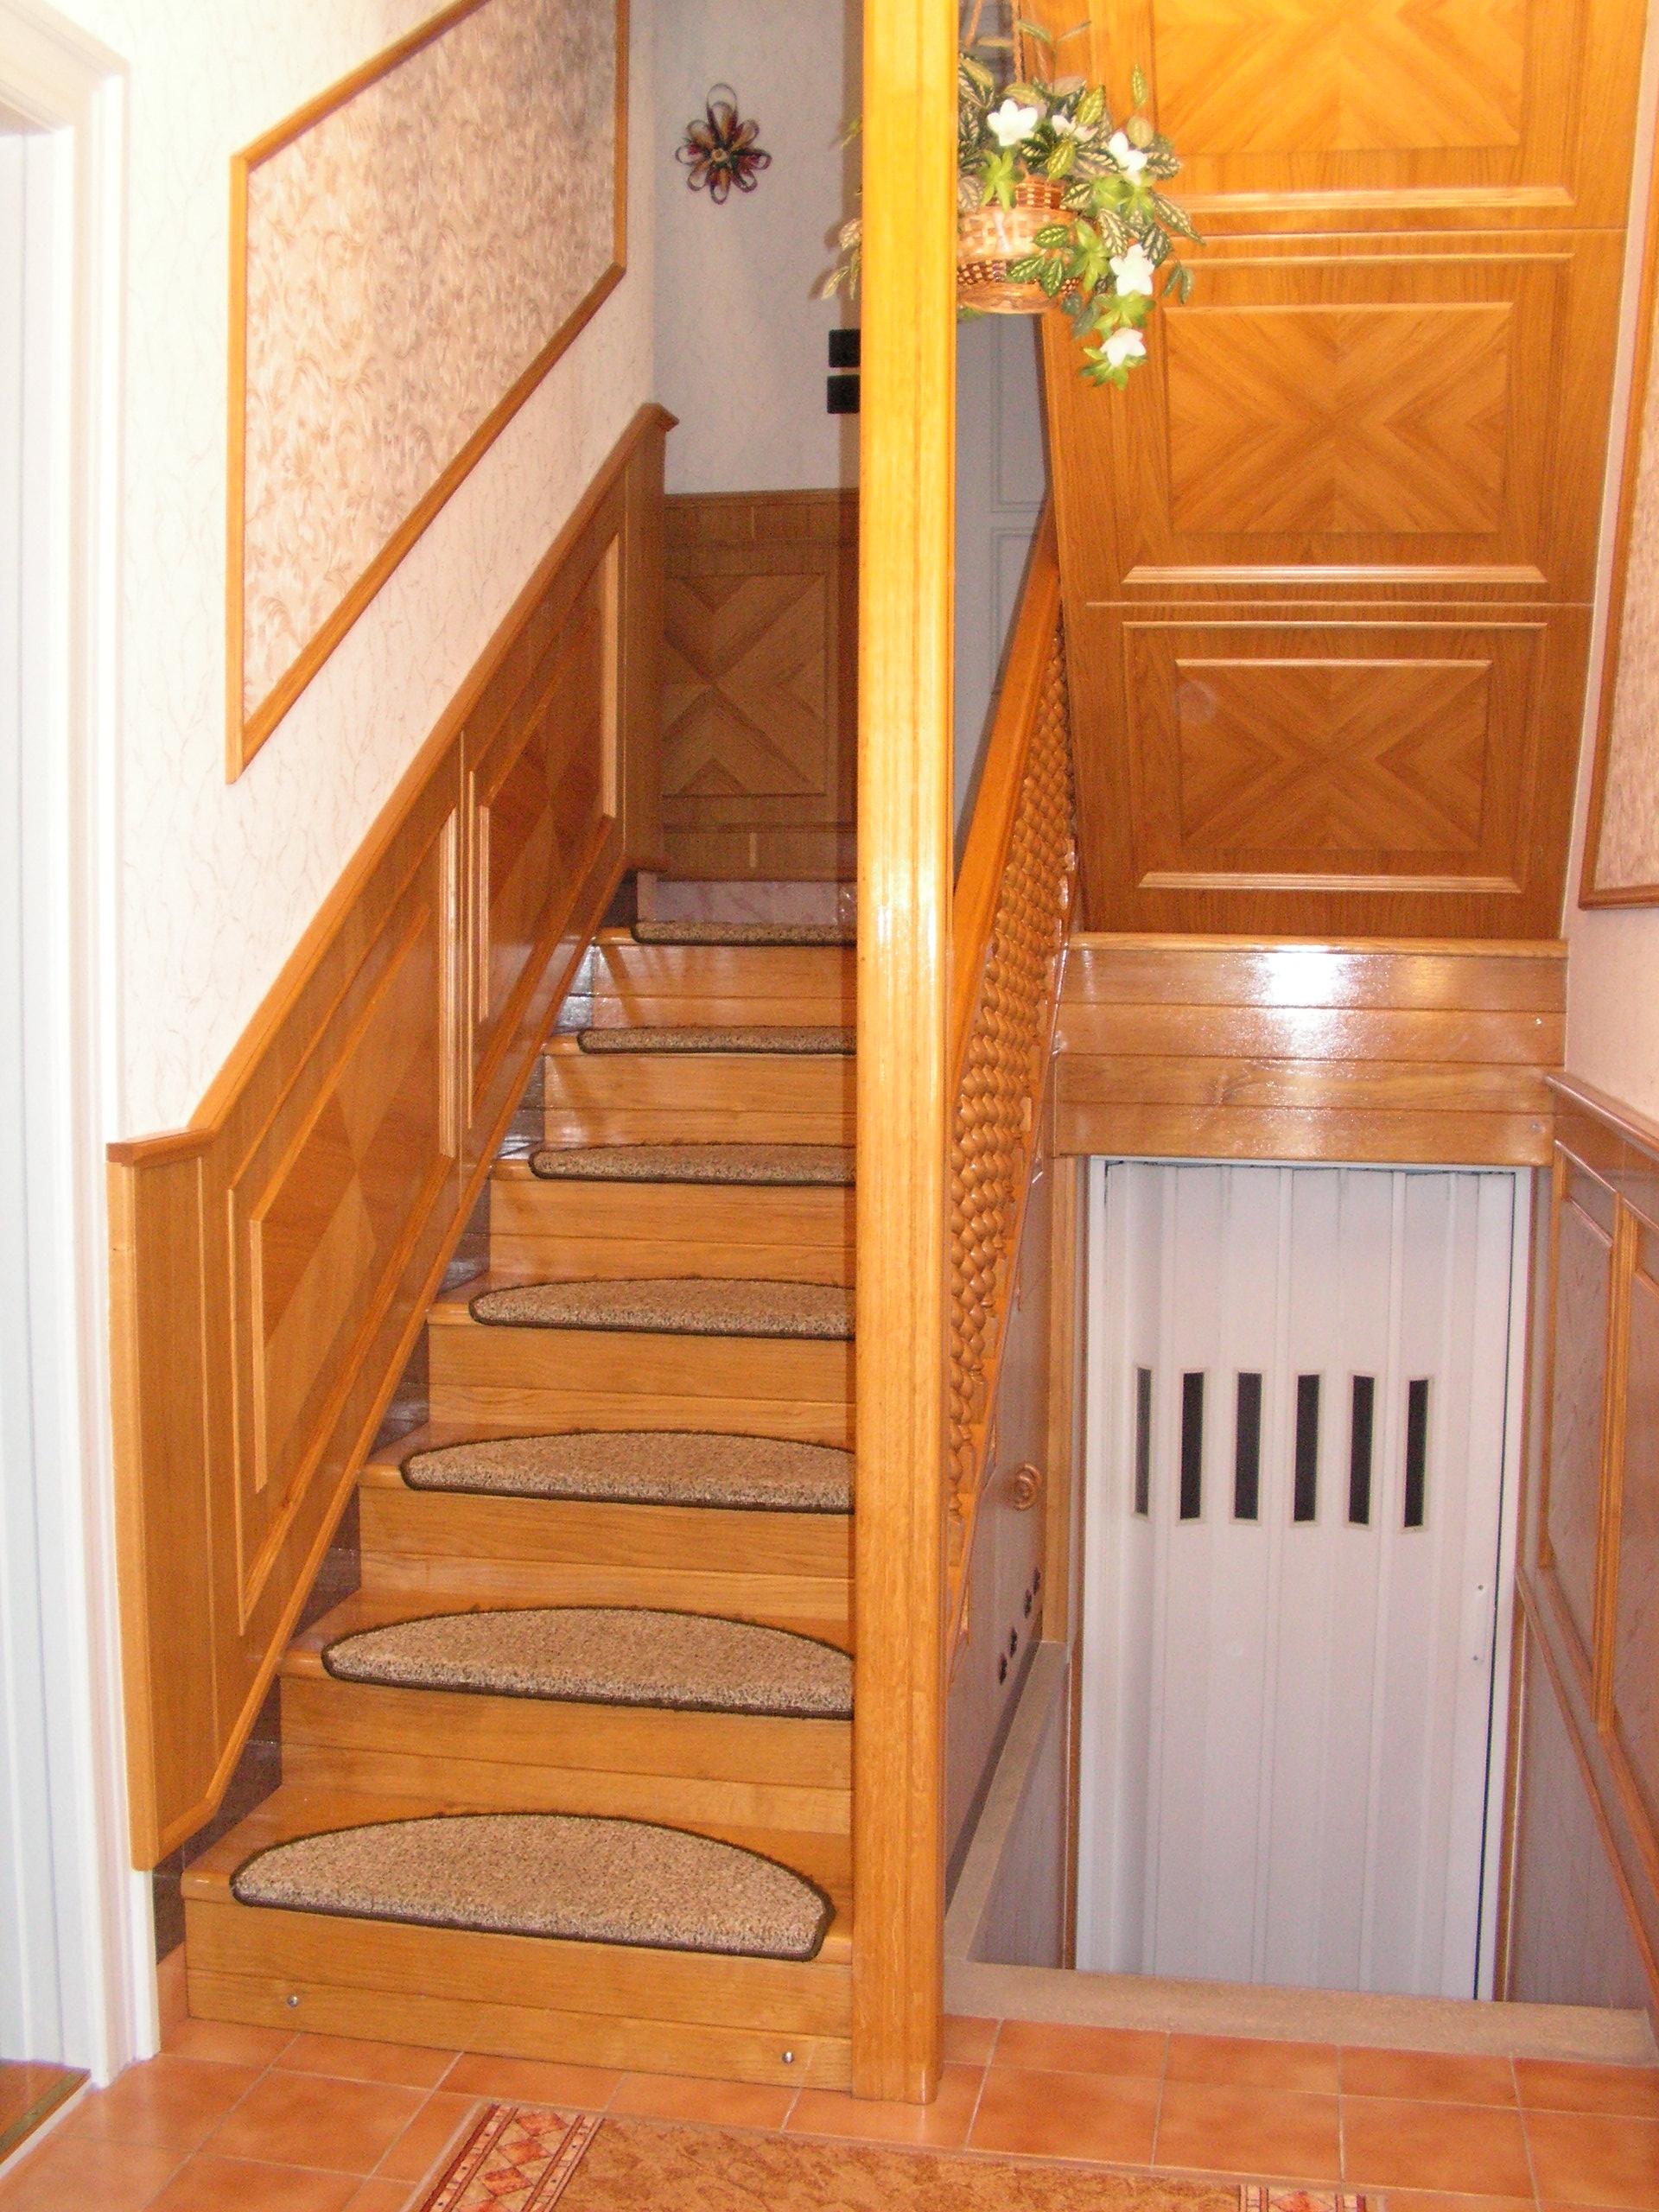 Classic Design - lépcső, lépcsőlap, korlát, falépcső, fa lépcső ...